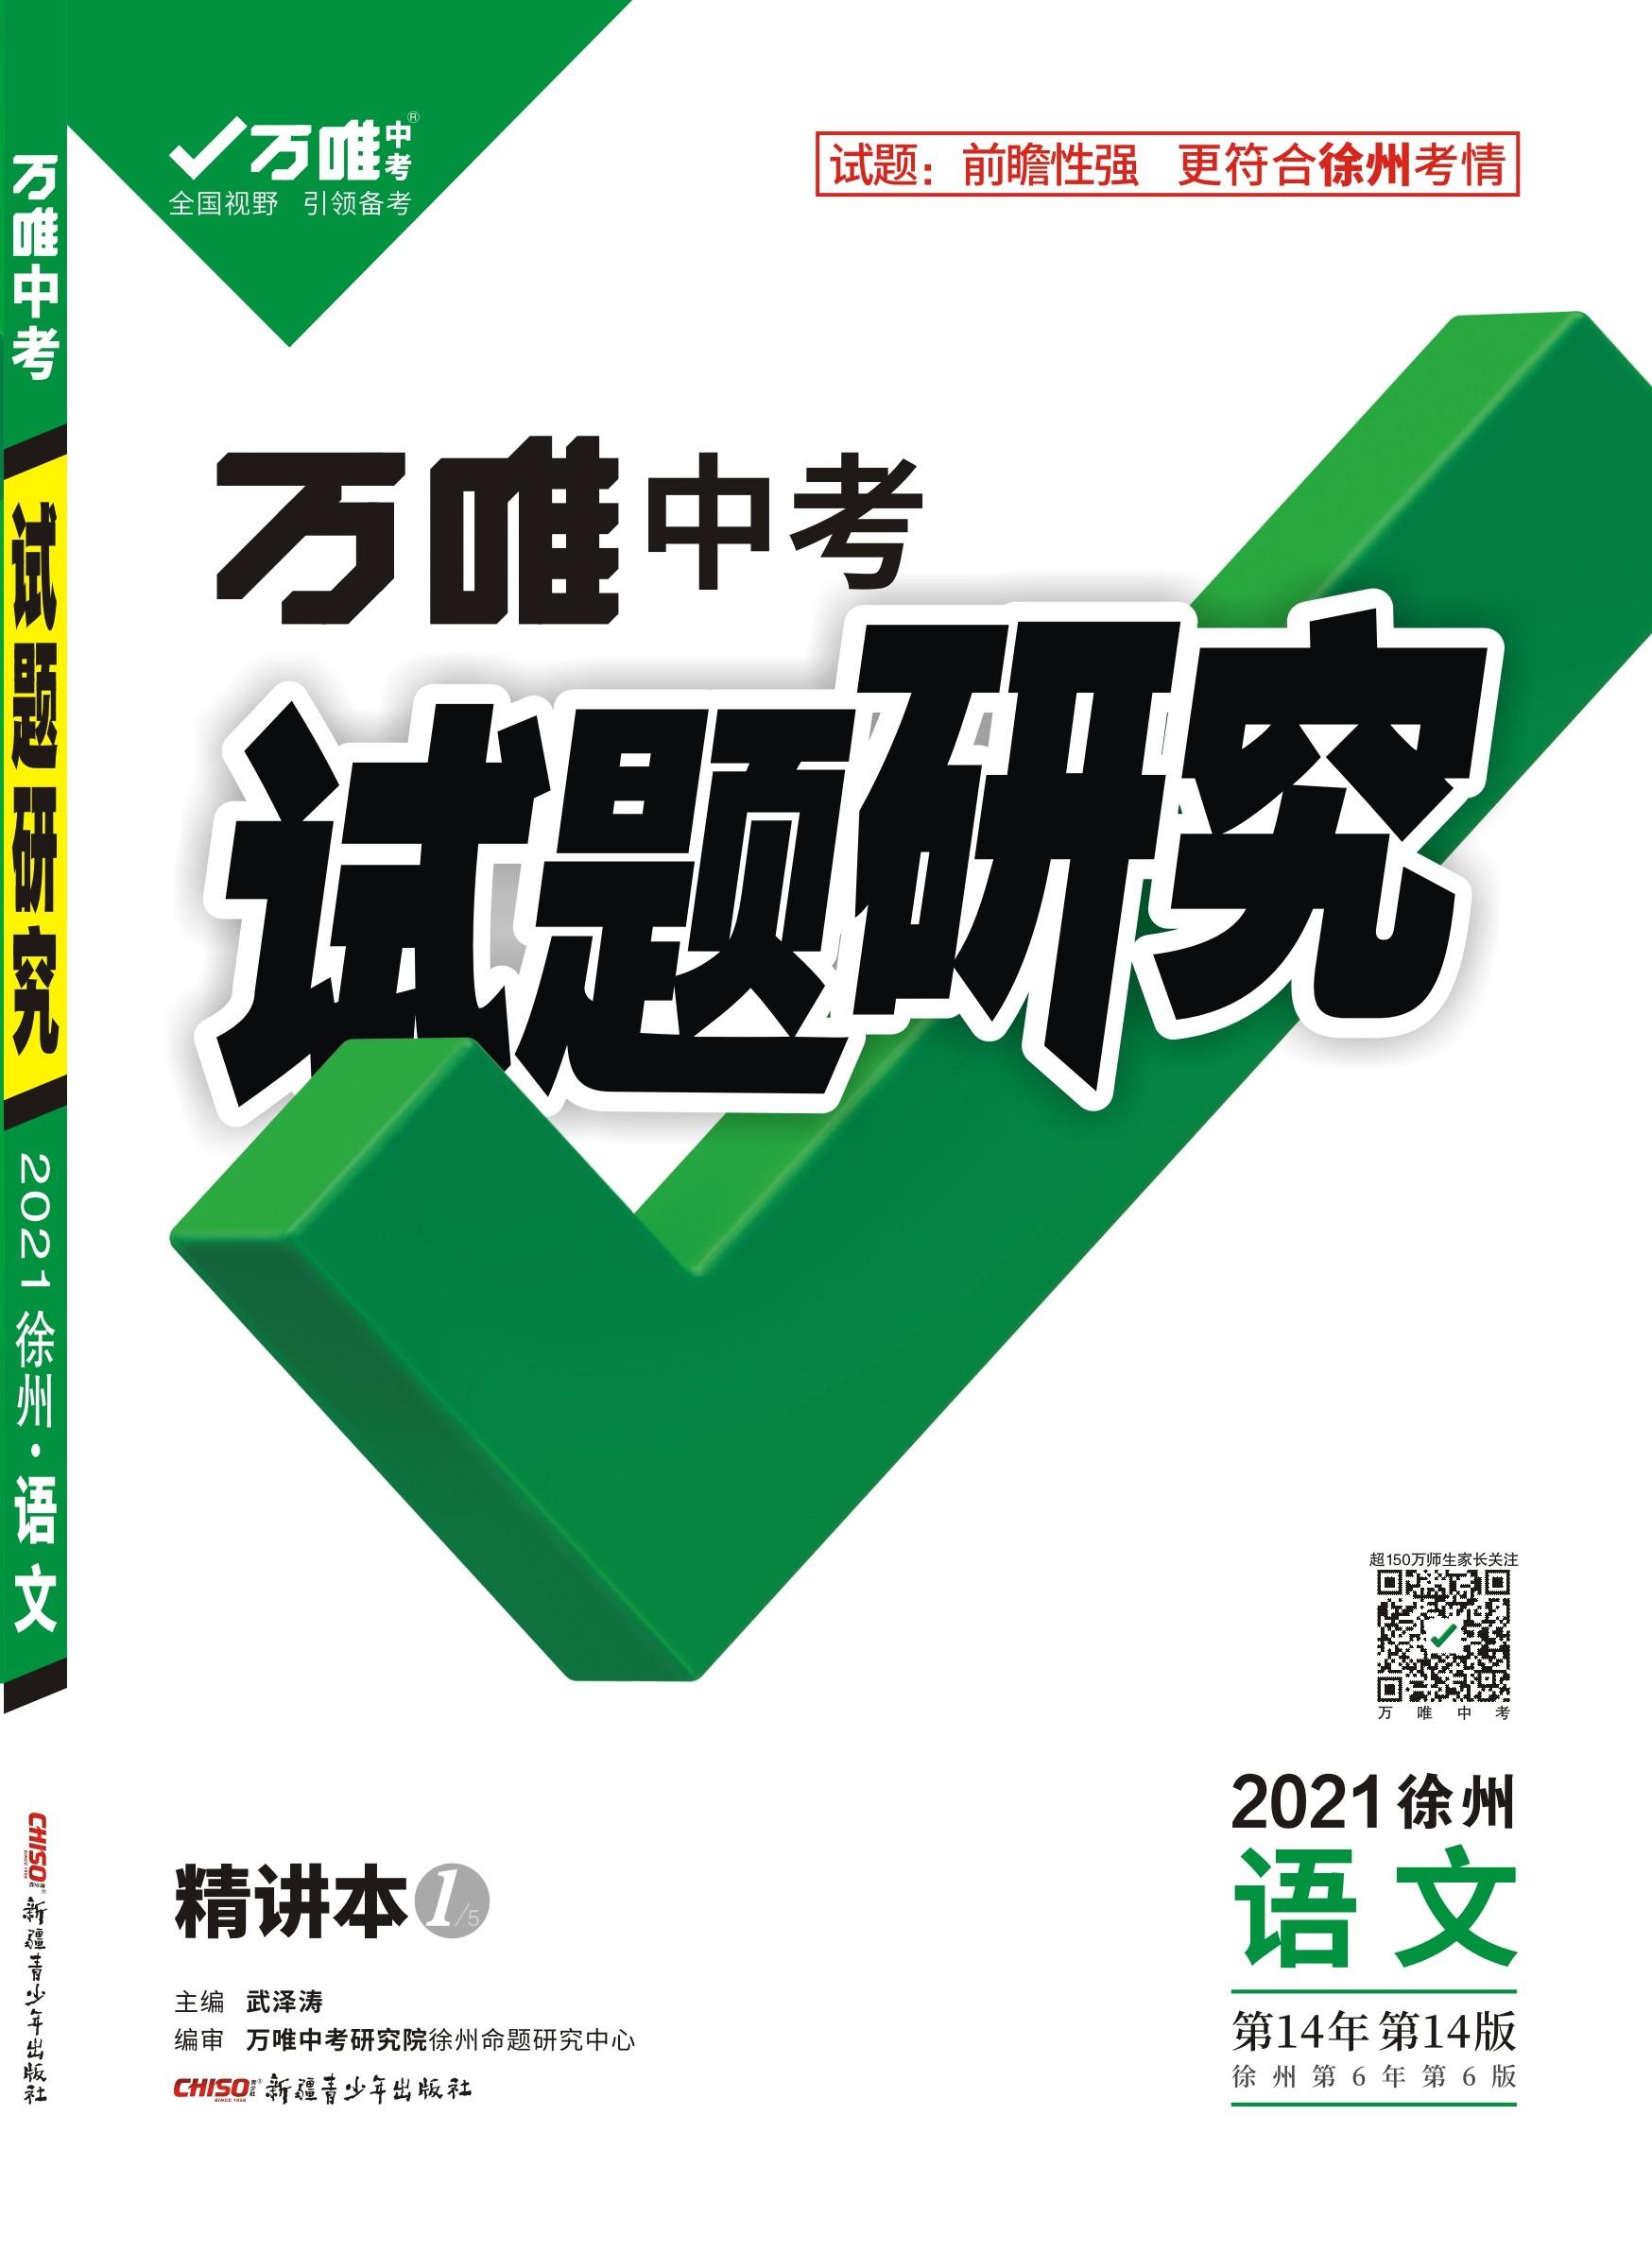 2021徐州《万唯中考试题研究》